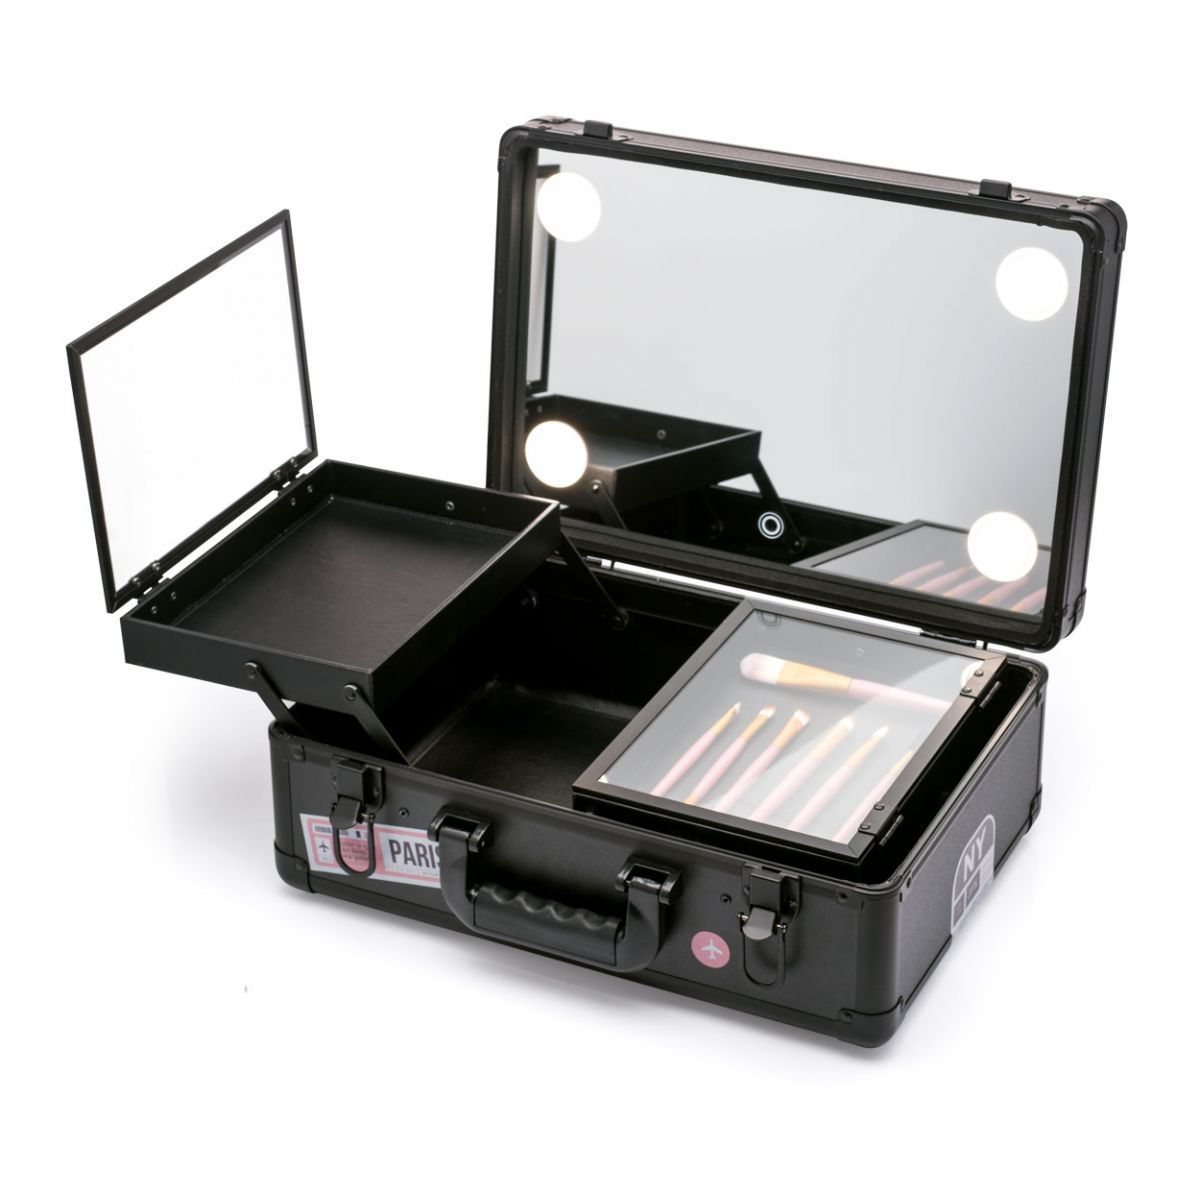 maleta de maquiagem 2018